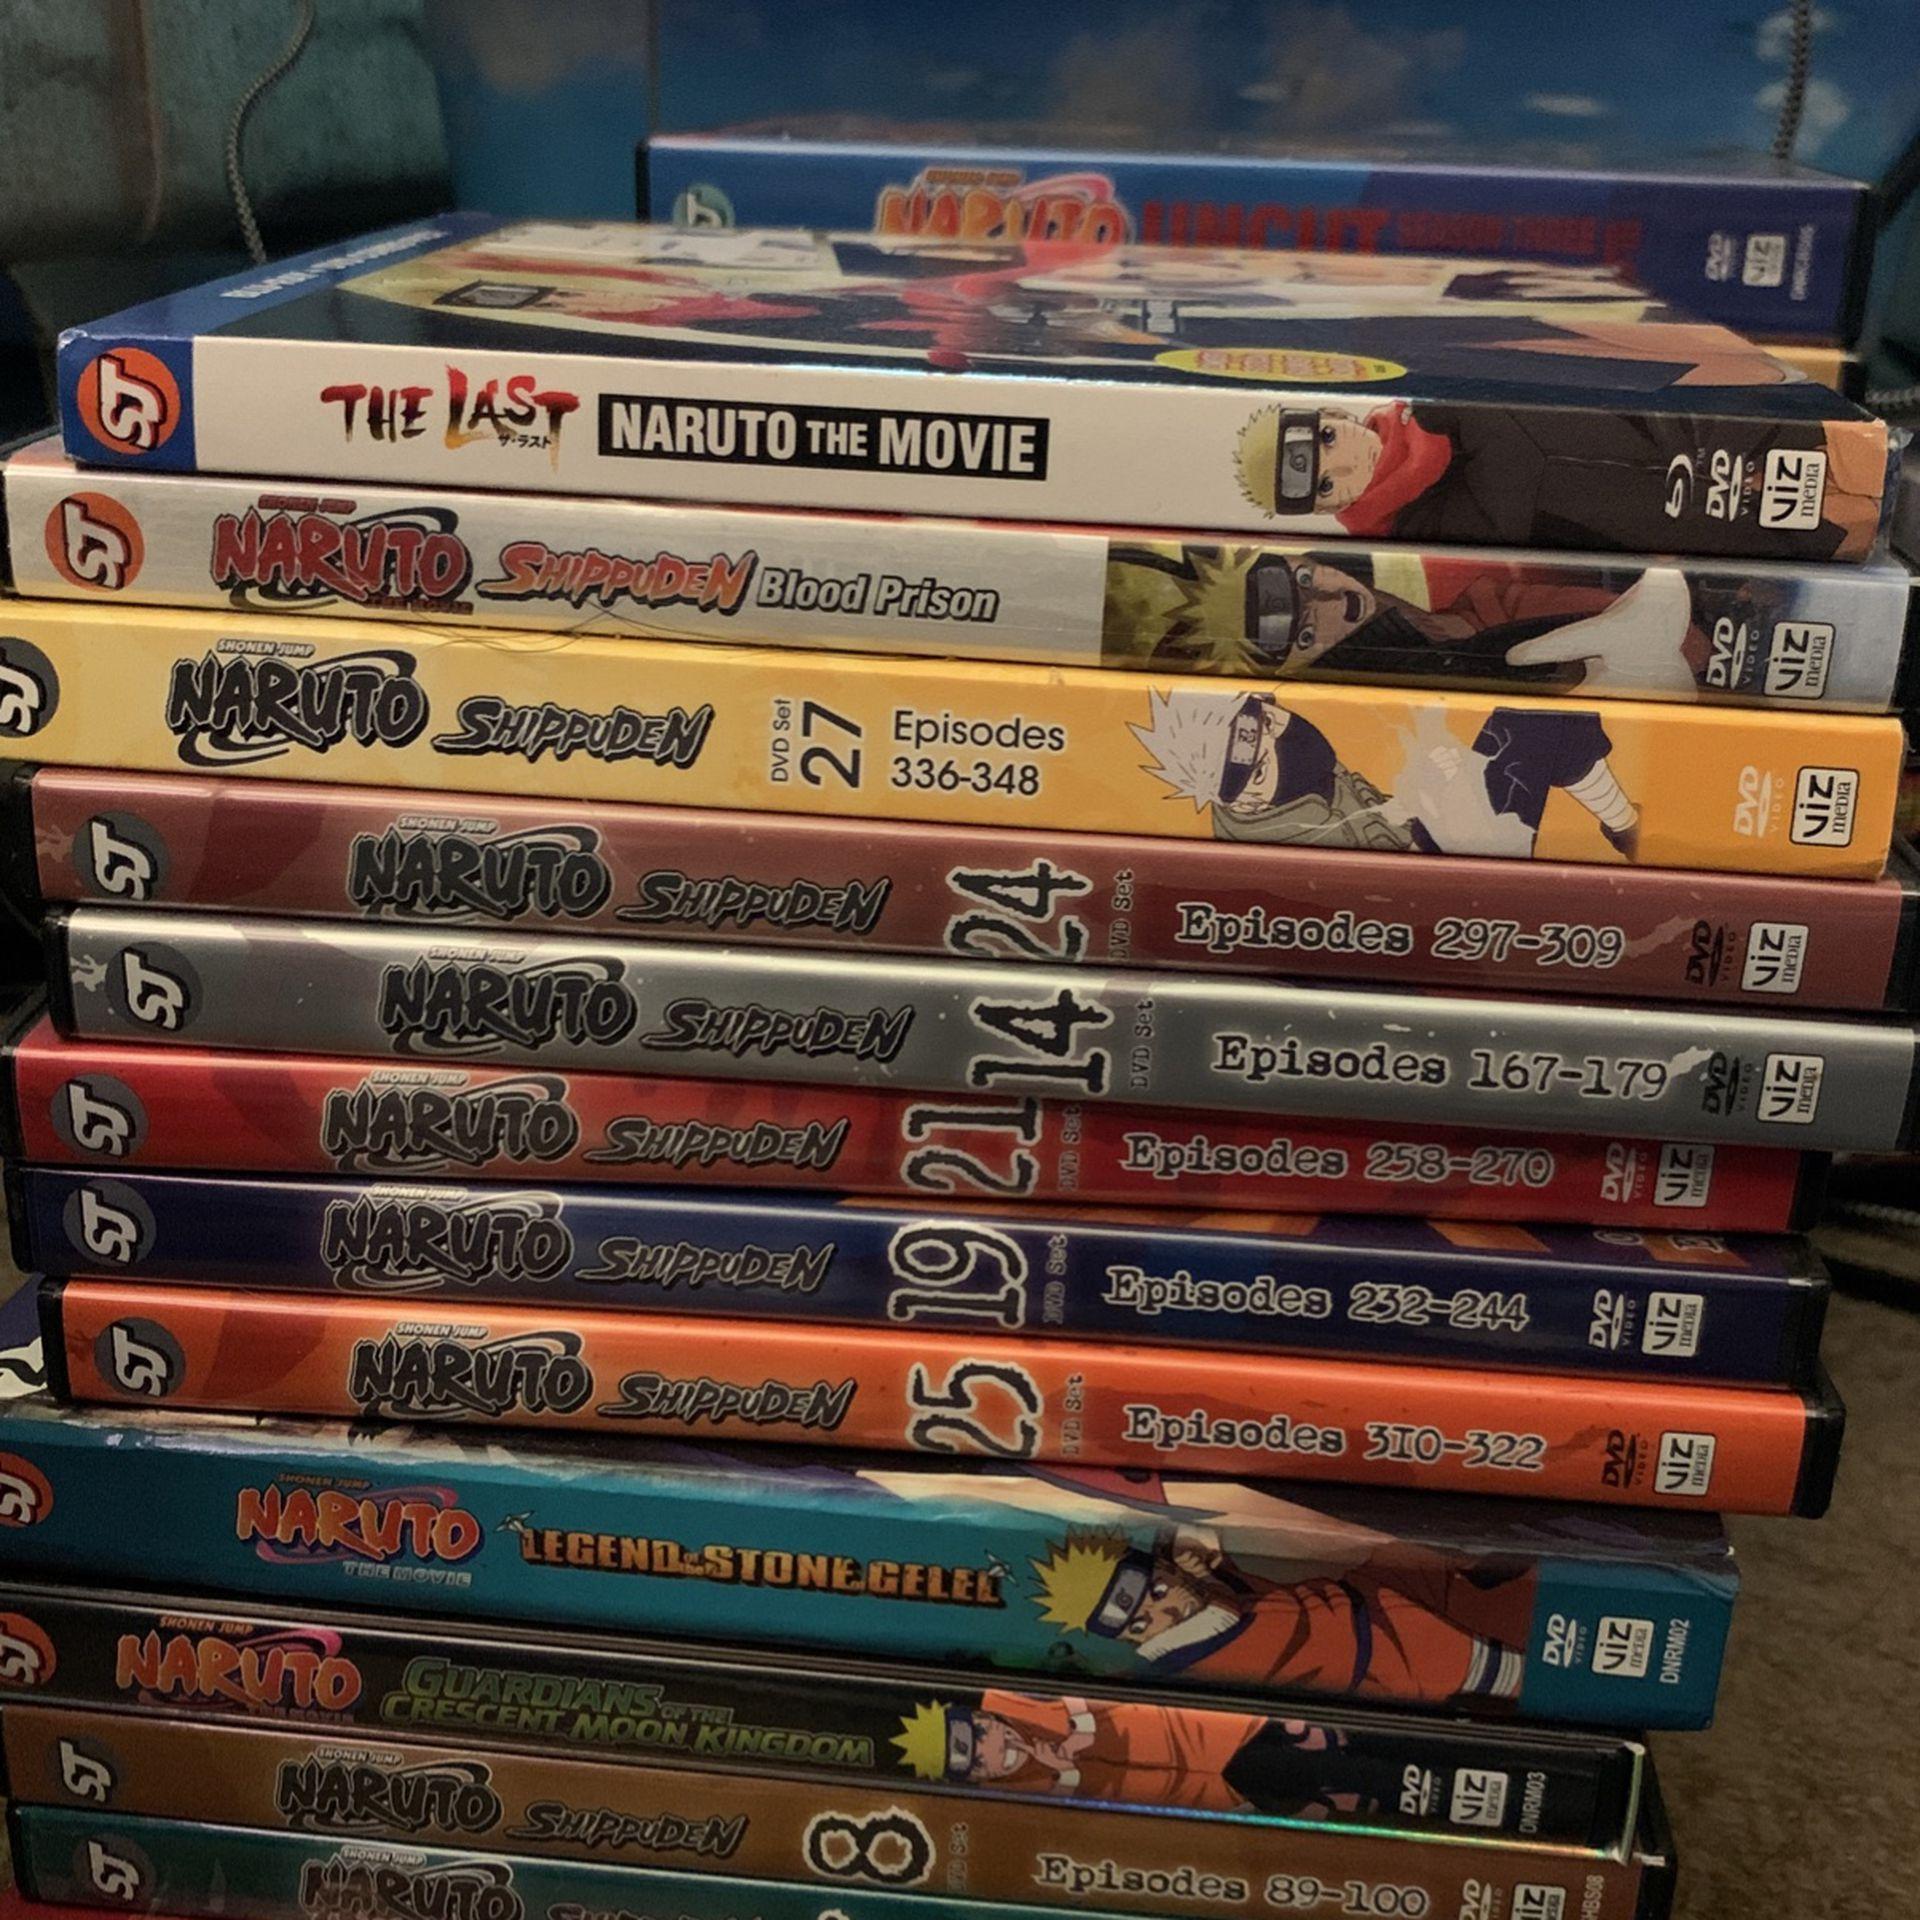 Naruto And Naruto Shippuden/Naruto Movies